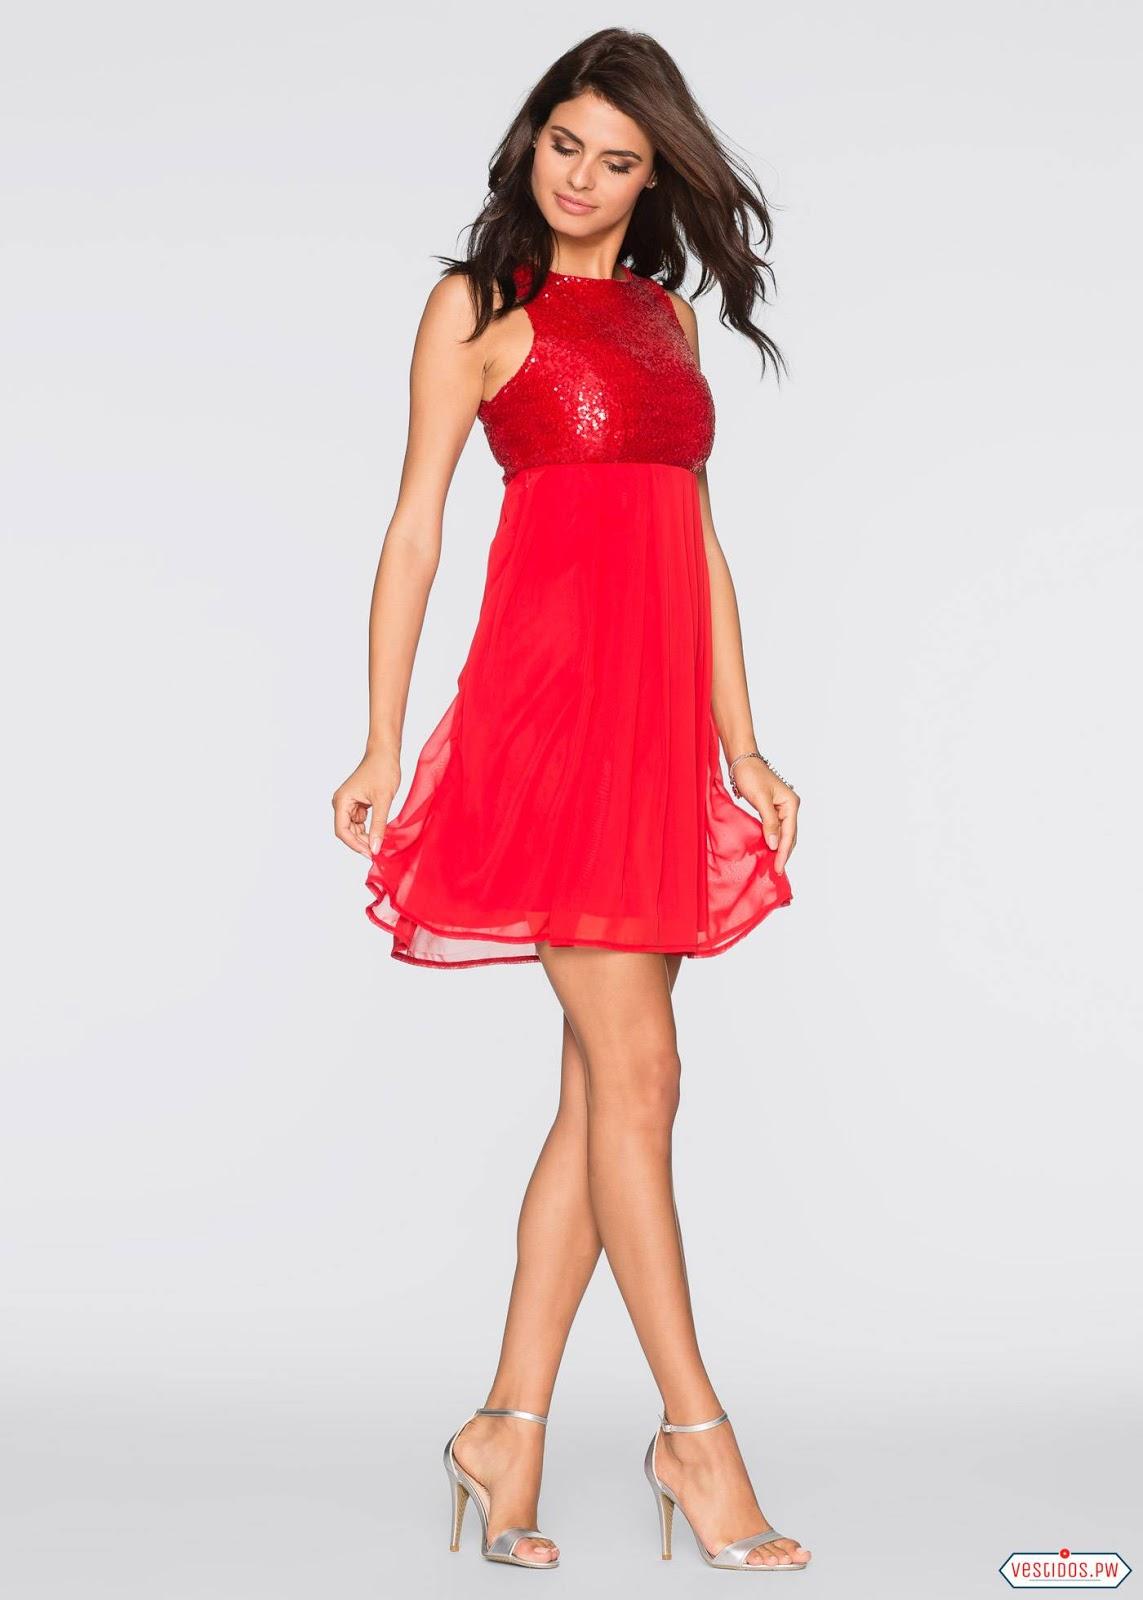 ¿Buscas vestidos cortos y baratos para tu fiesta? Pues, entonces estas en el lugar indicado. En esta oportunidad, queremos mostrarte muchos de los modelos y diseños de vestidos pequeños.